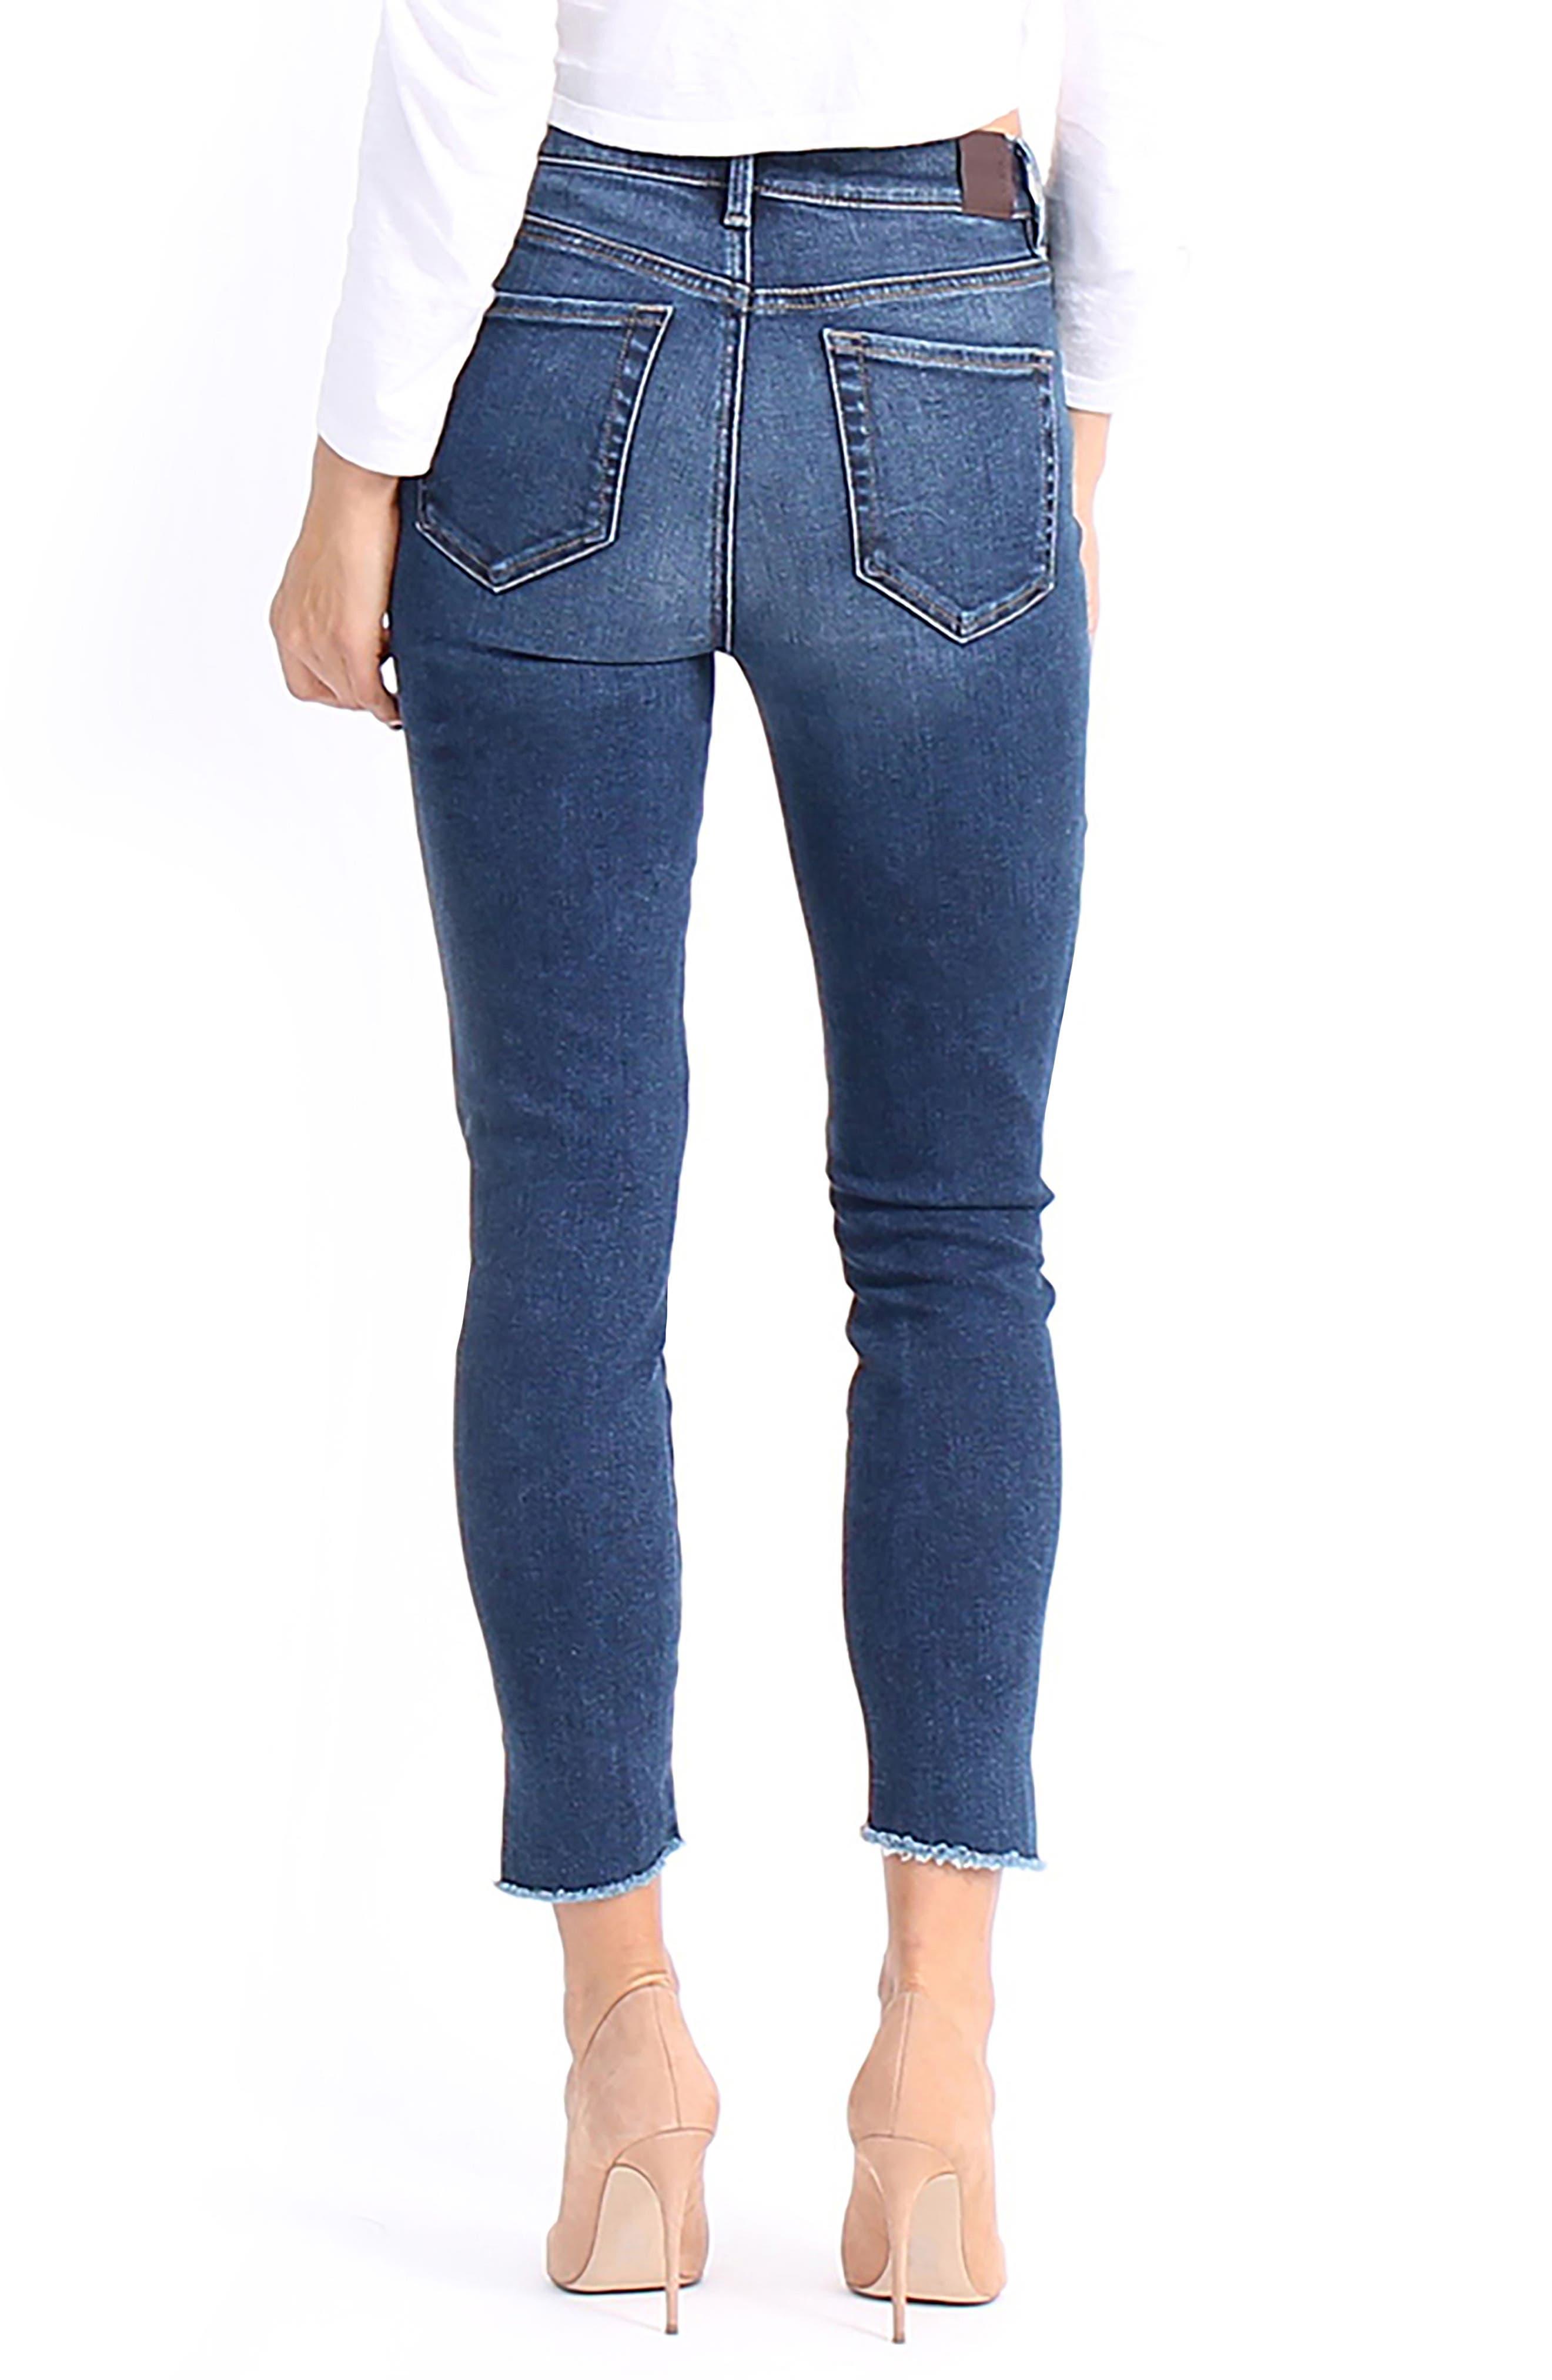 Ellie Uneven Zip Slant Hem Jeans,                             Alternate thumbnail 2, color,